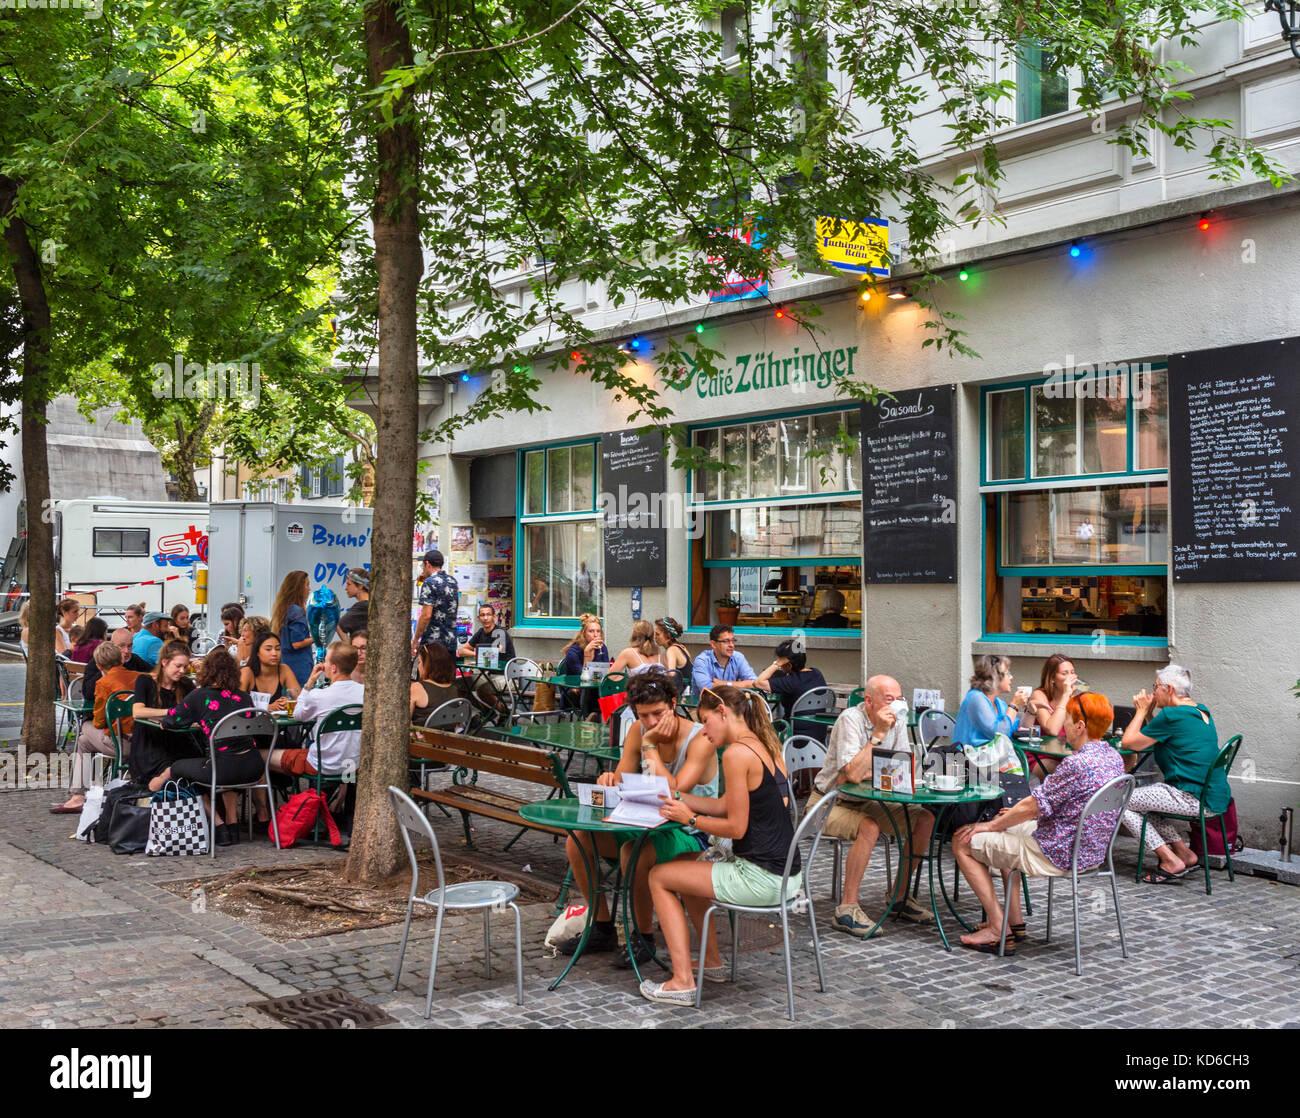 Cafe Zahringer on Spitalgasse in the historic Niederdorf district, Zürich, Switzerland - Stock Image